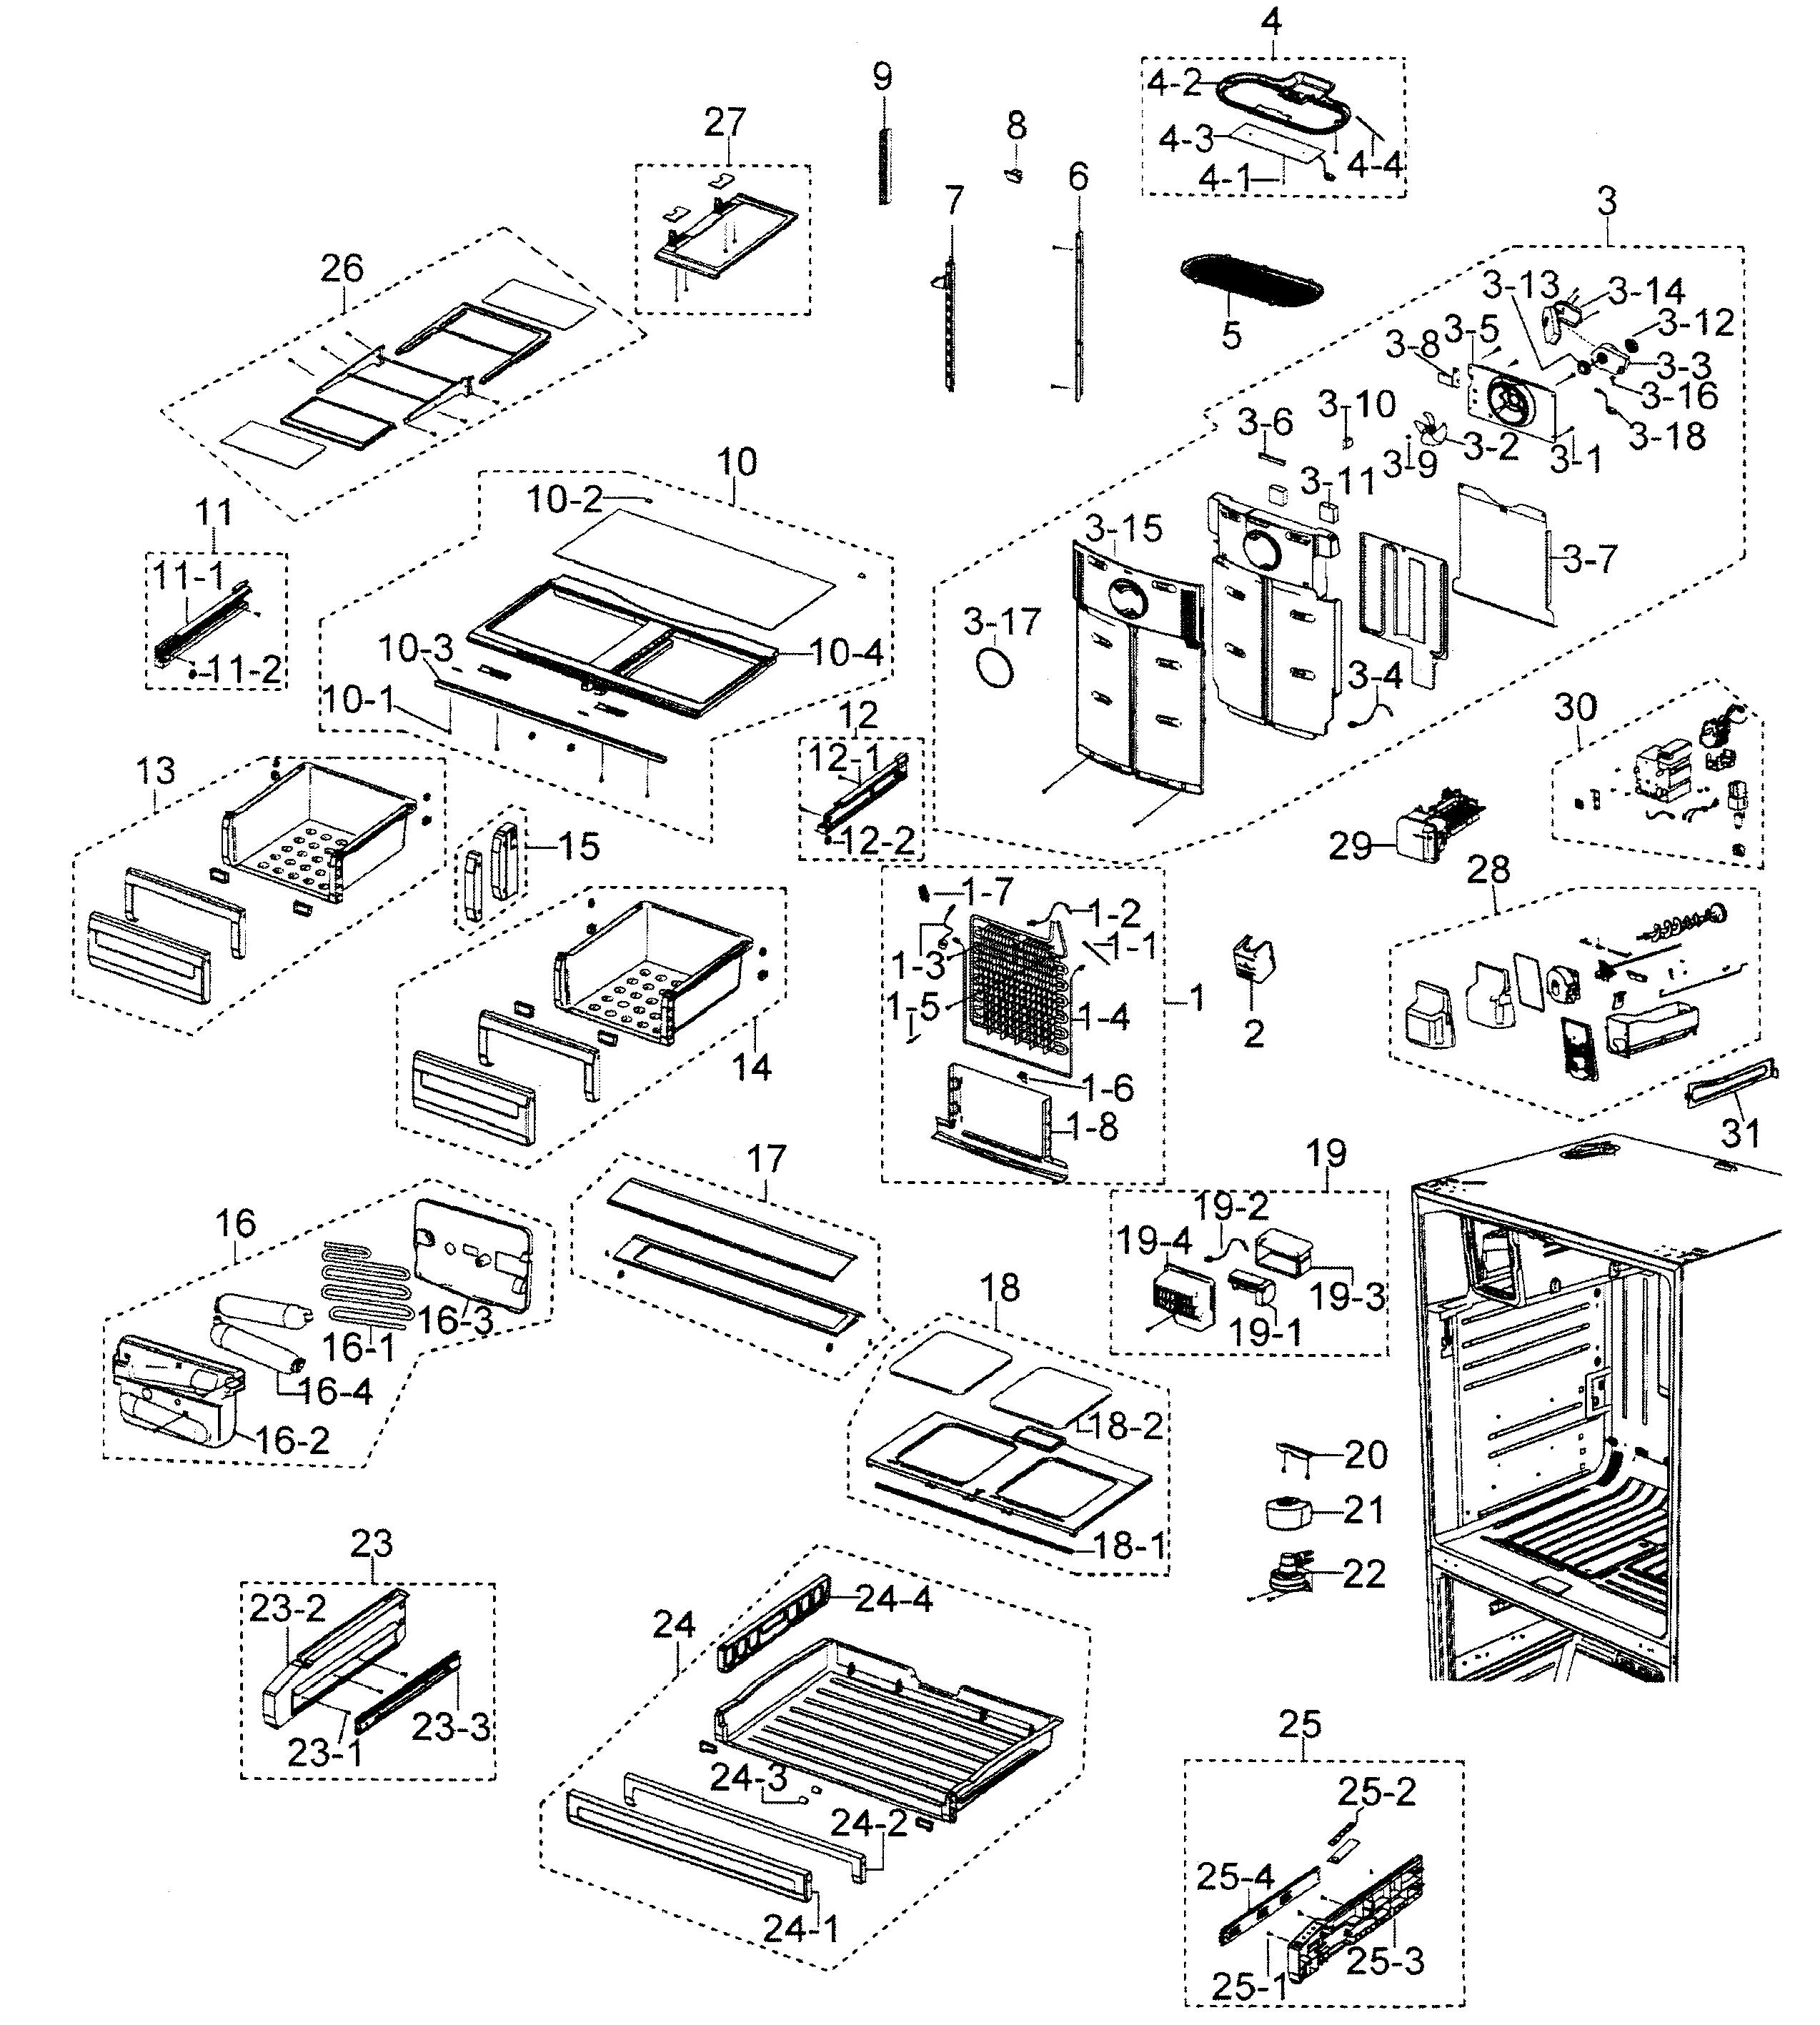 Samsung model RFG298AARS/XAA bottom-mount refrigerator